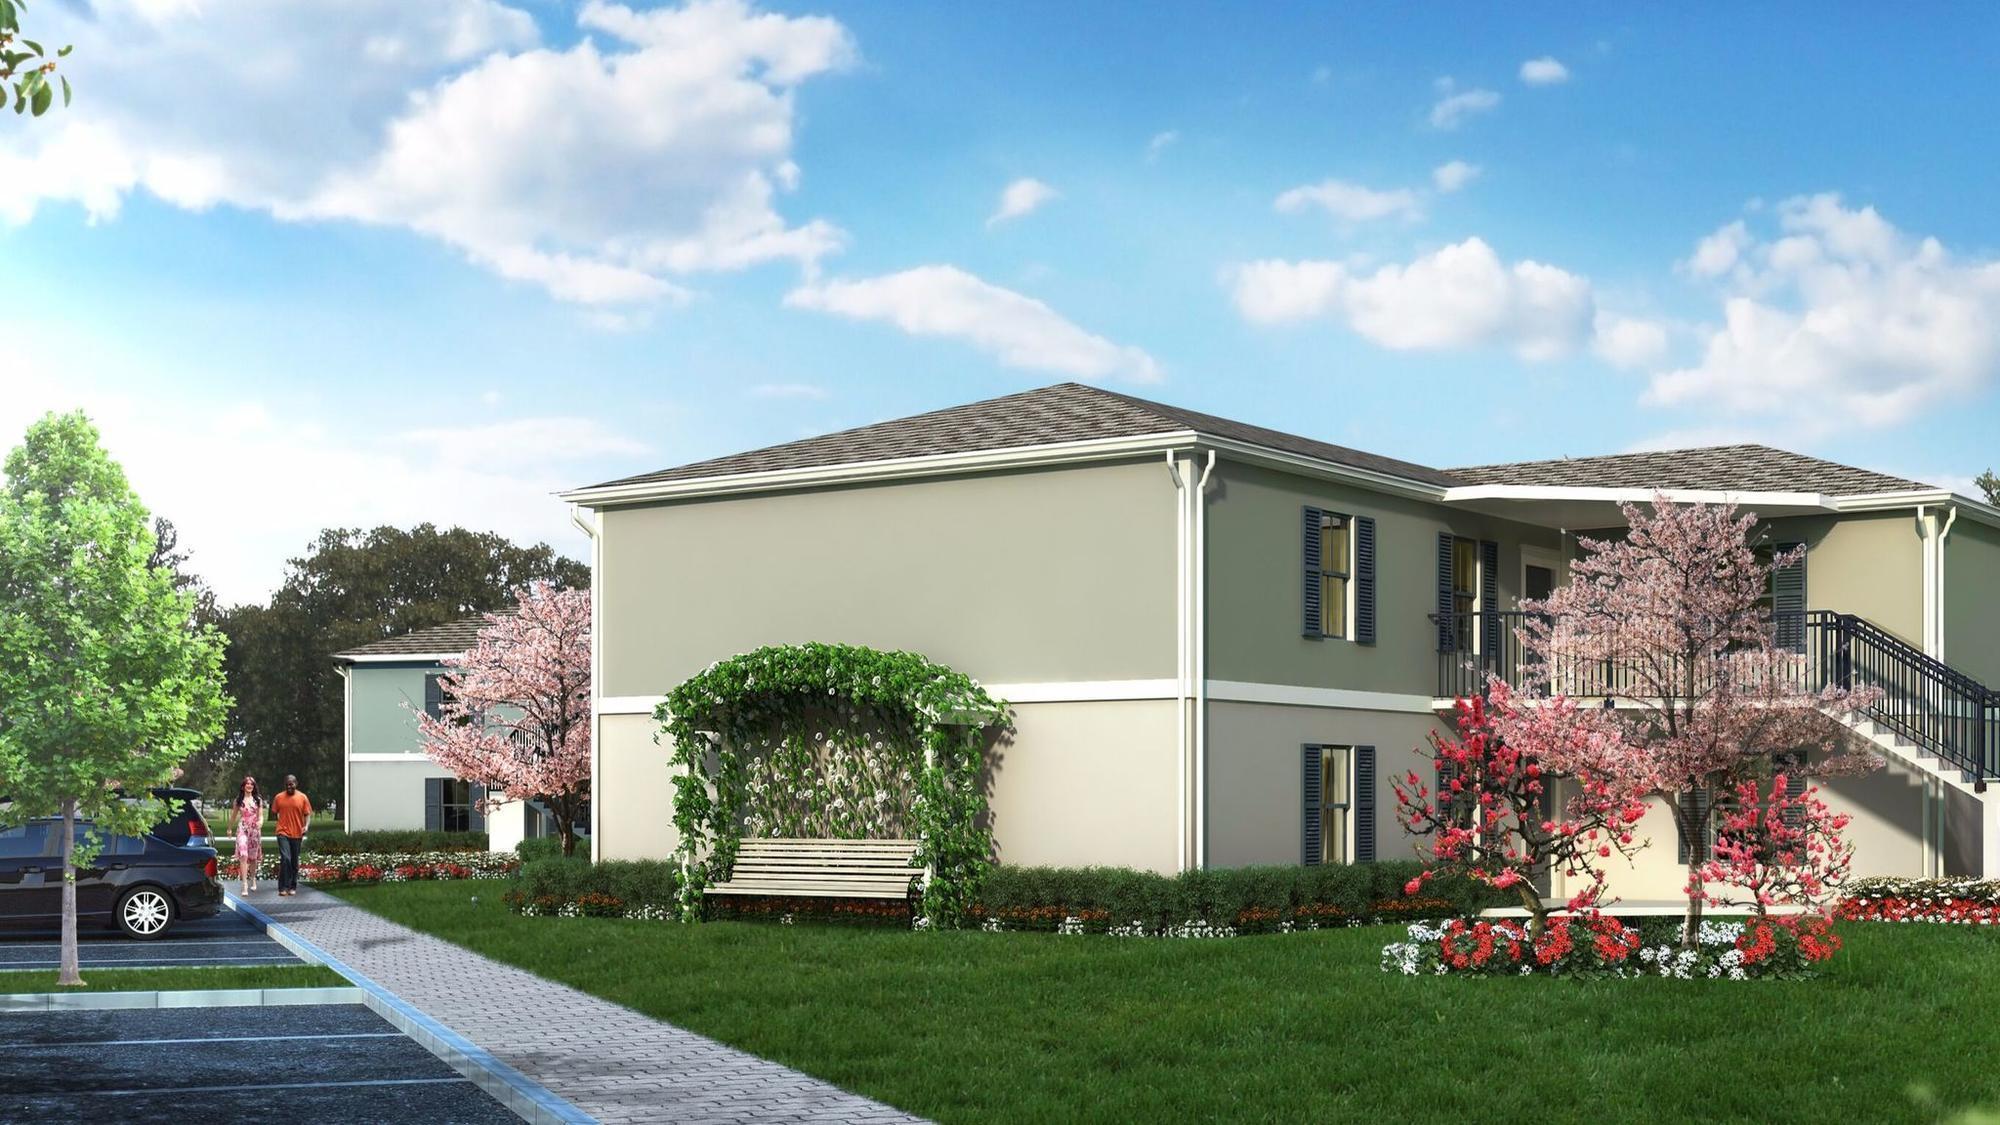 renovation of wayne densch center to boost affordable. Black Bedroom Furniture Sets. Home Design Ideas